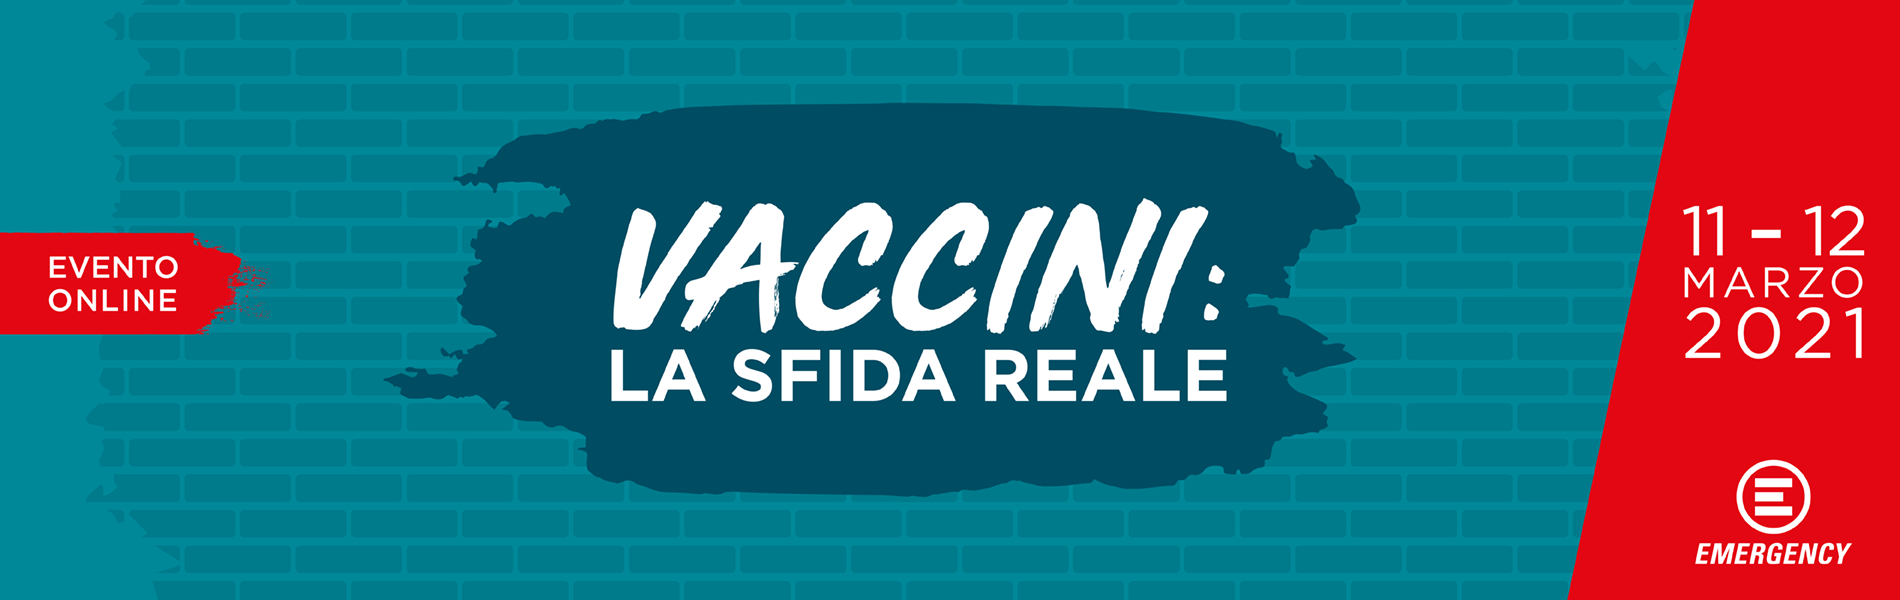 Vaccini: la sfida reale